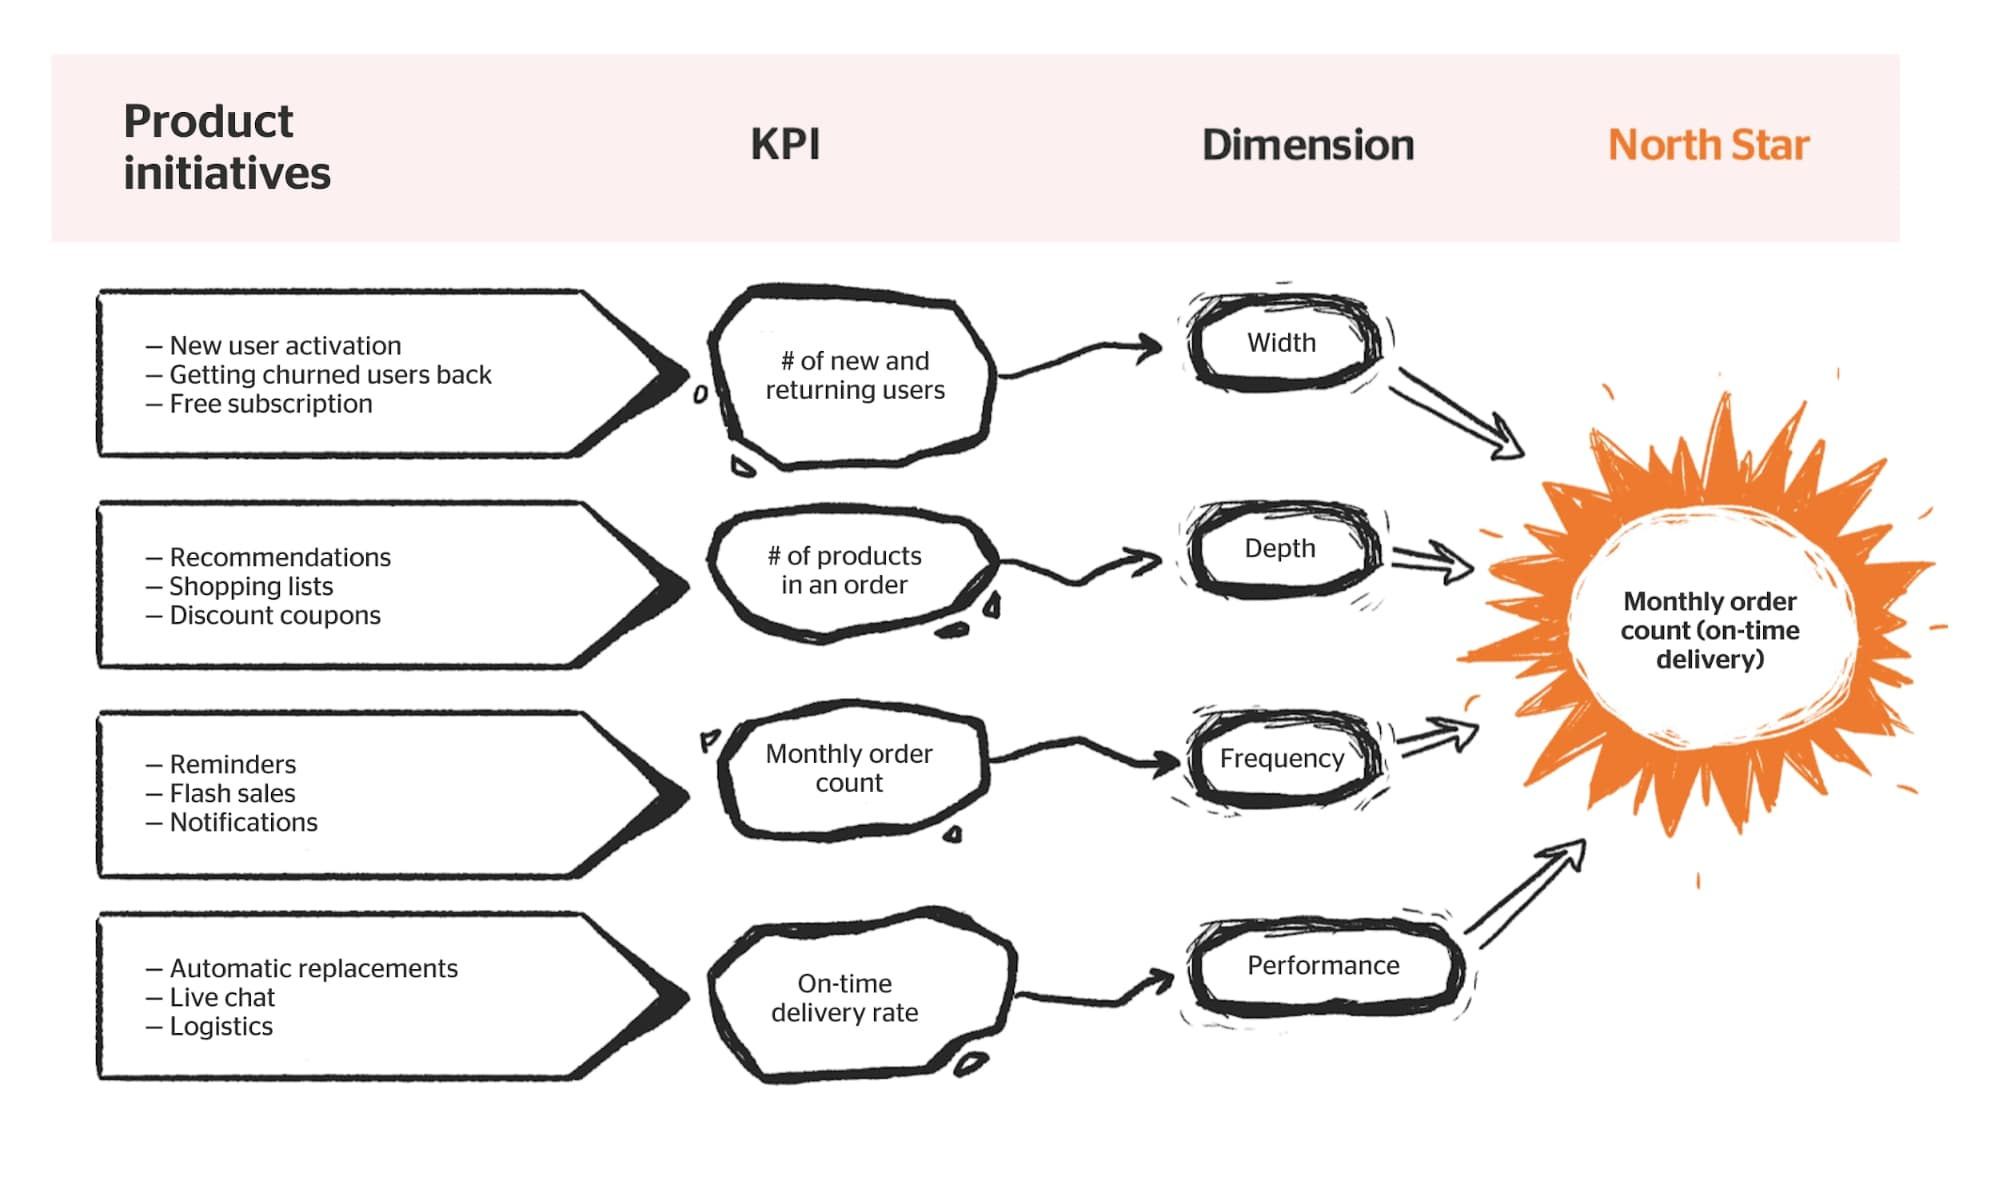 north star metrics and kpis